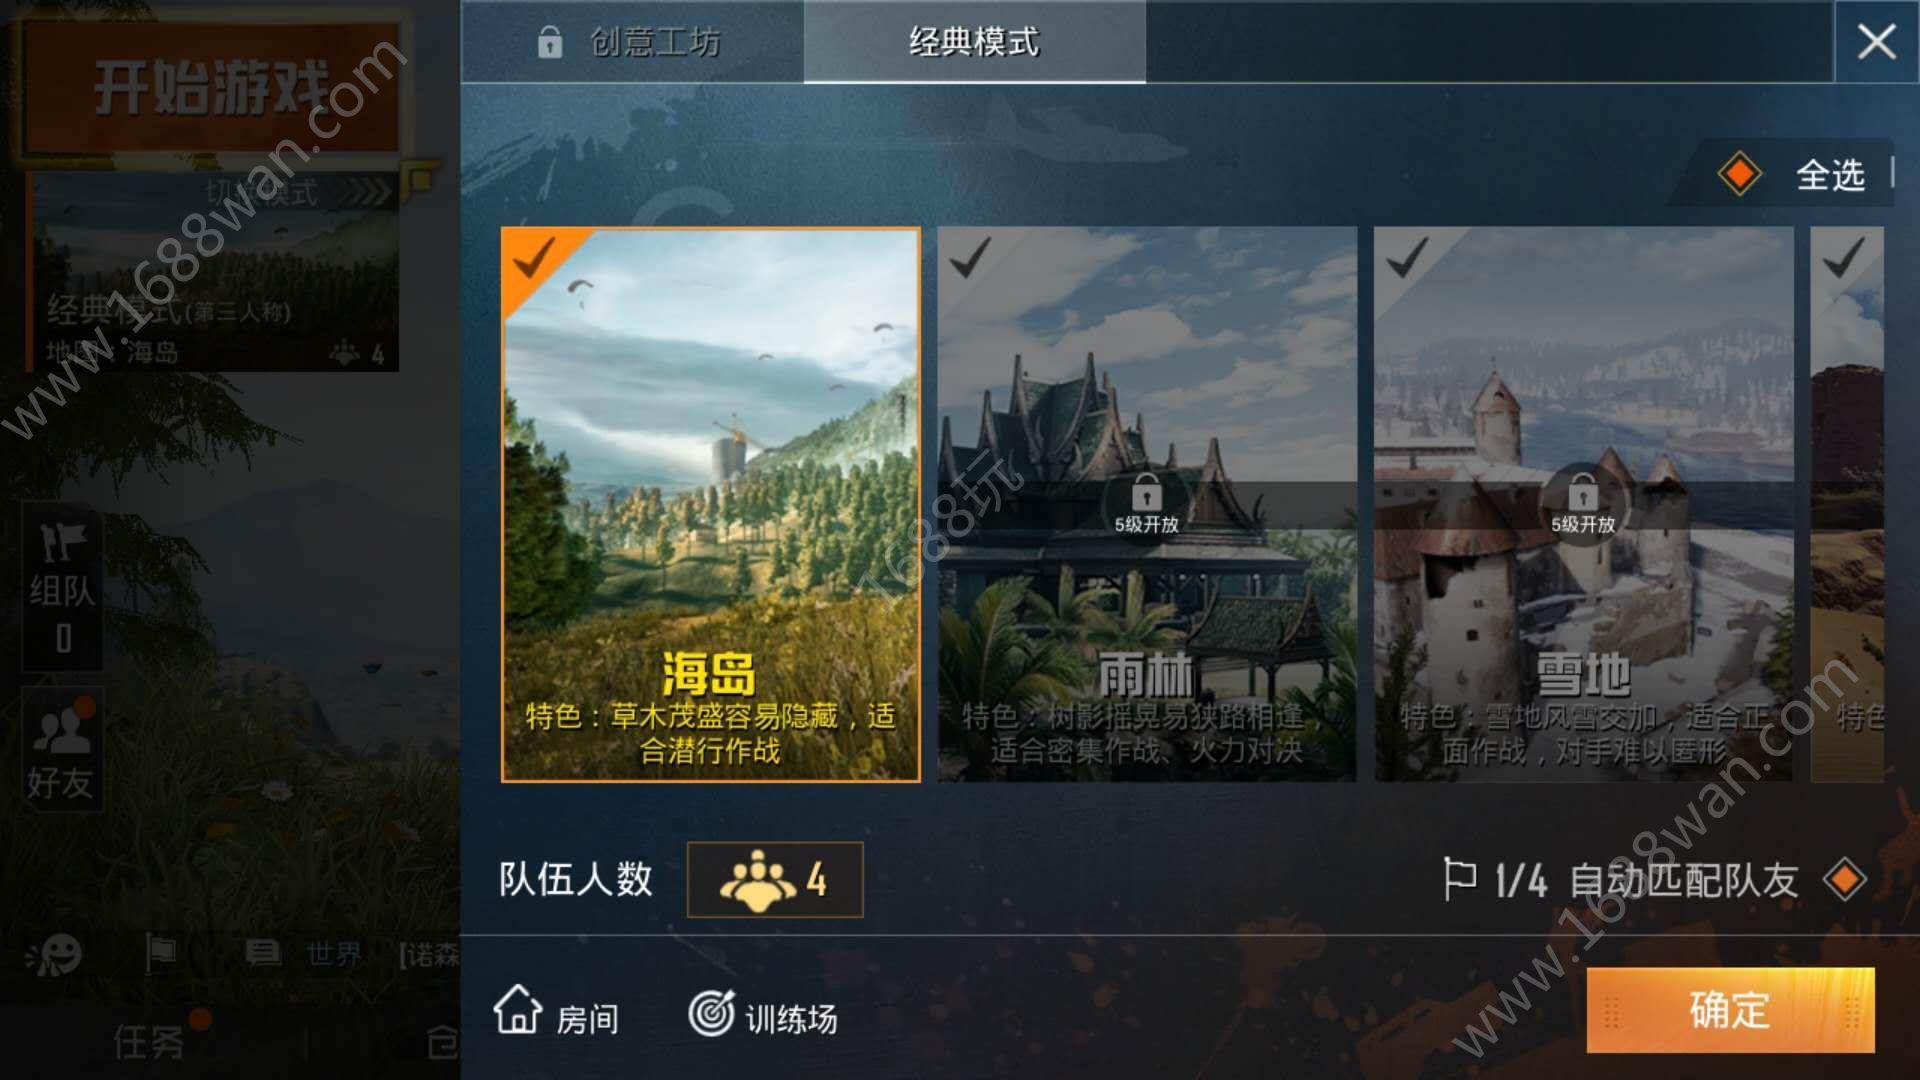 腾讯孤岛行动游戏下载安装图片1